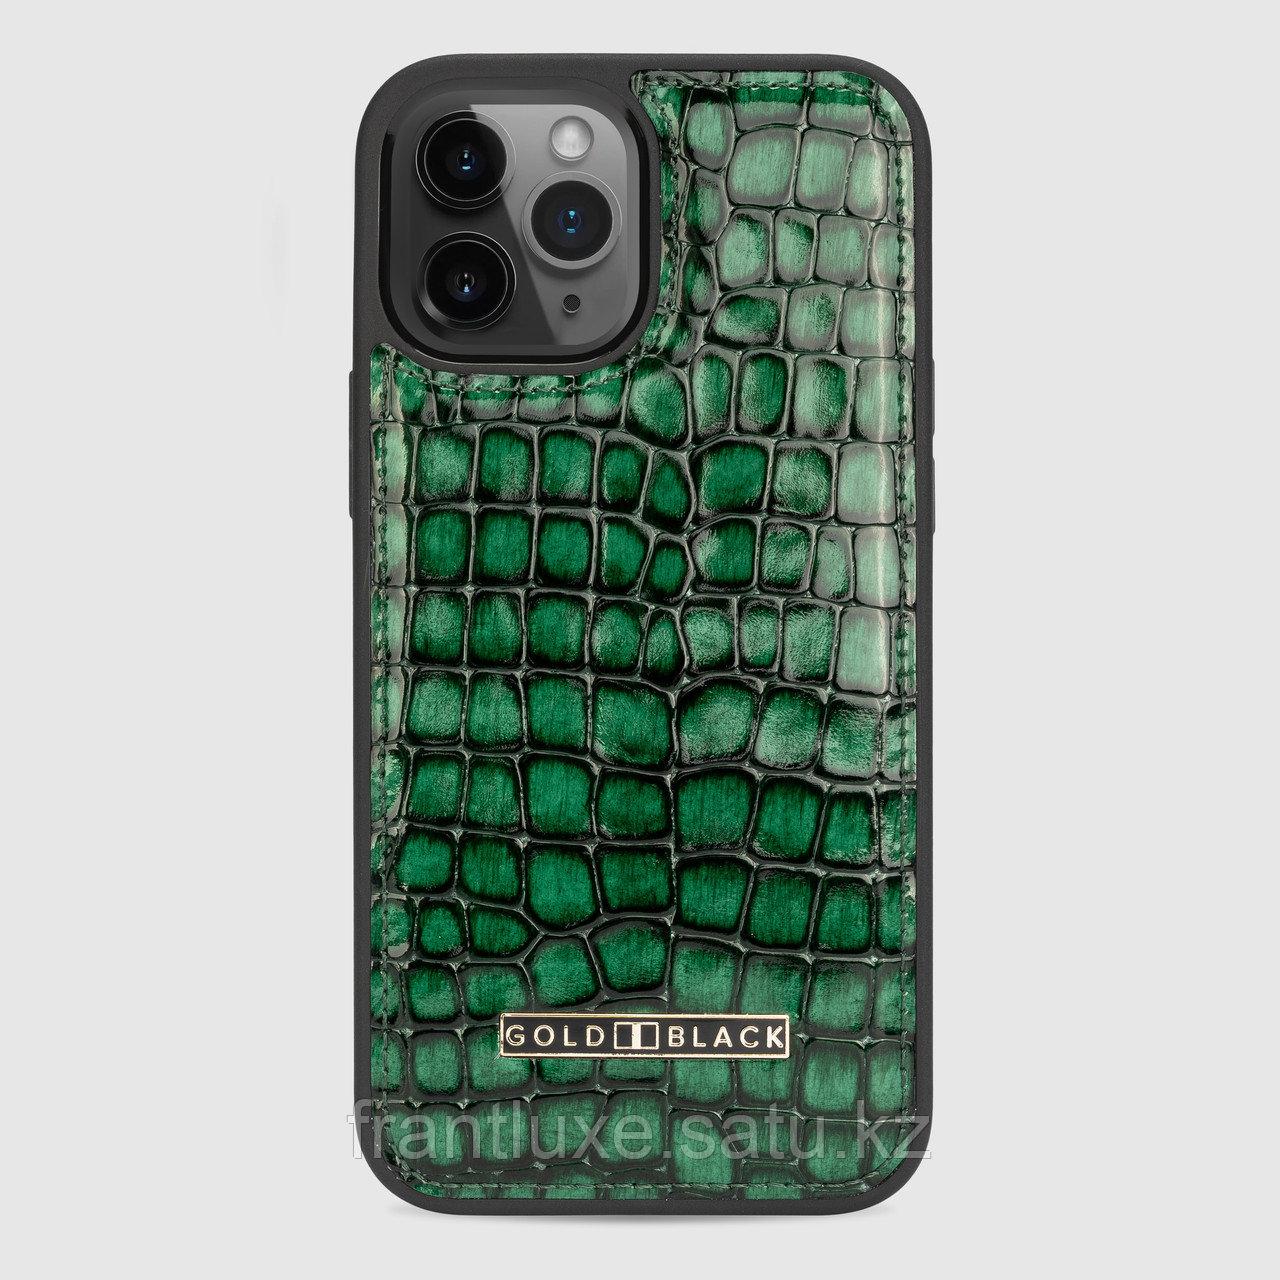 Чехол для телефона iPhone 12 Pro Max зелёный - фото 1